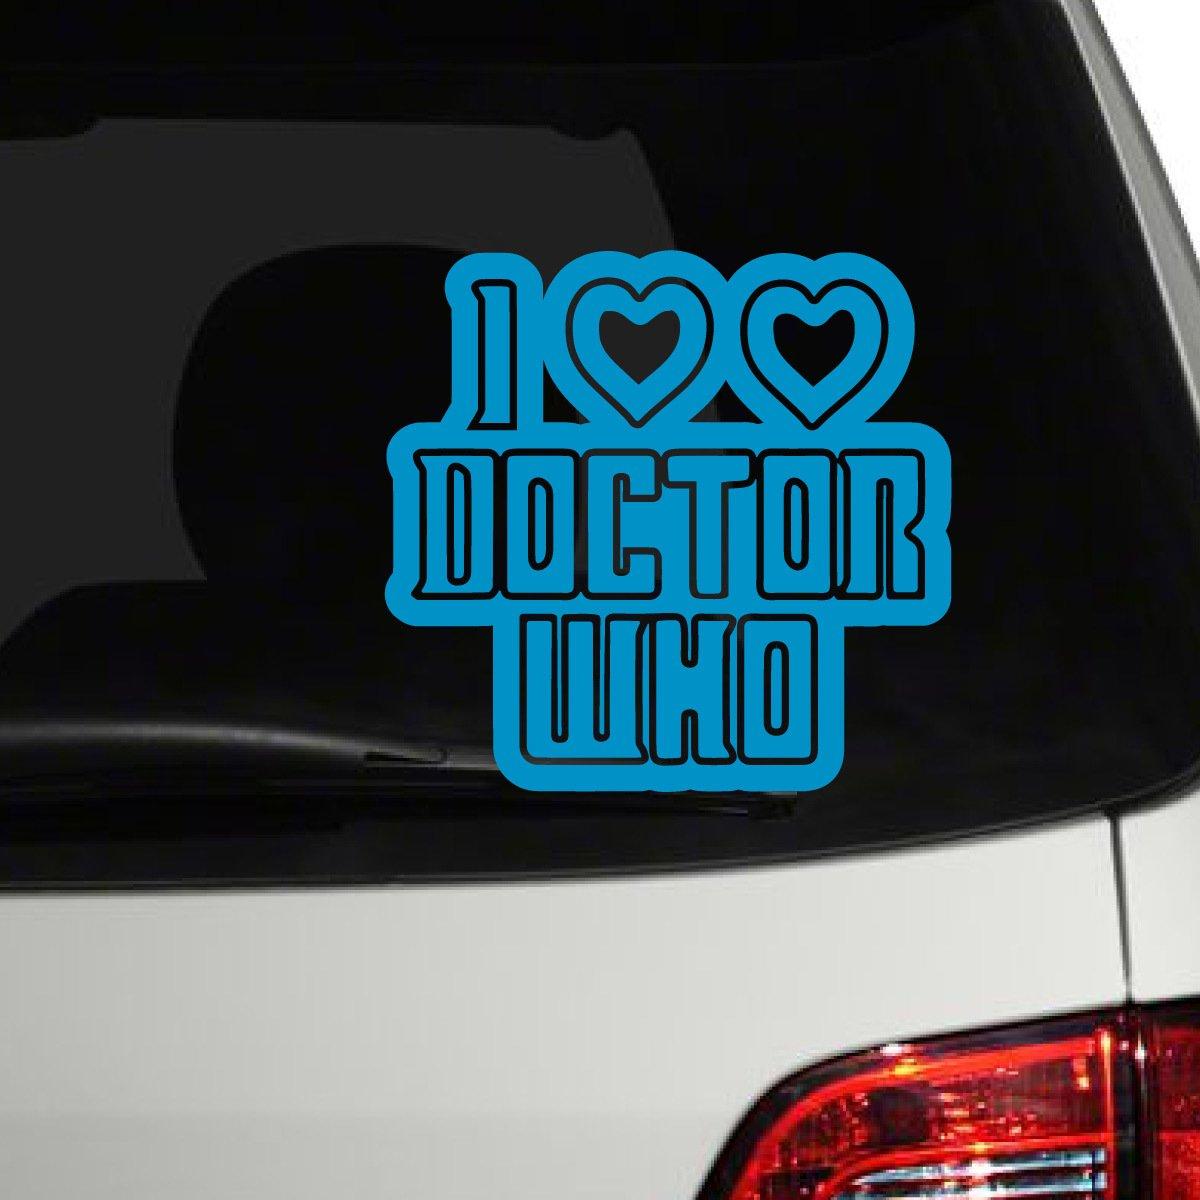 【特別セール品】 I H Love 8\ Dr。Who車デカール グレー、Die Cut Vinyl Decal for Windows車、トラック、ツールボックス、ノートパソコン、ほぼすべてmacbook-ハード、滑らかな表面 8